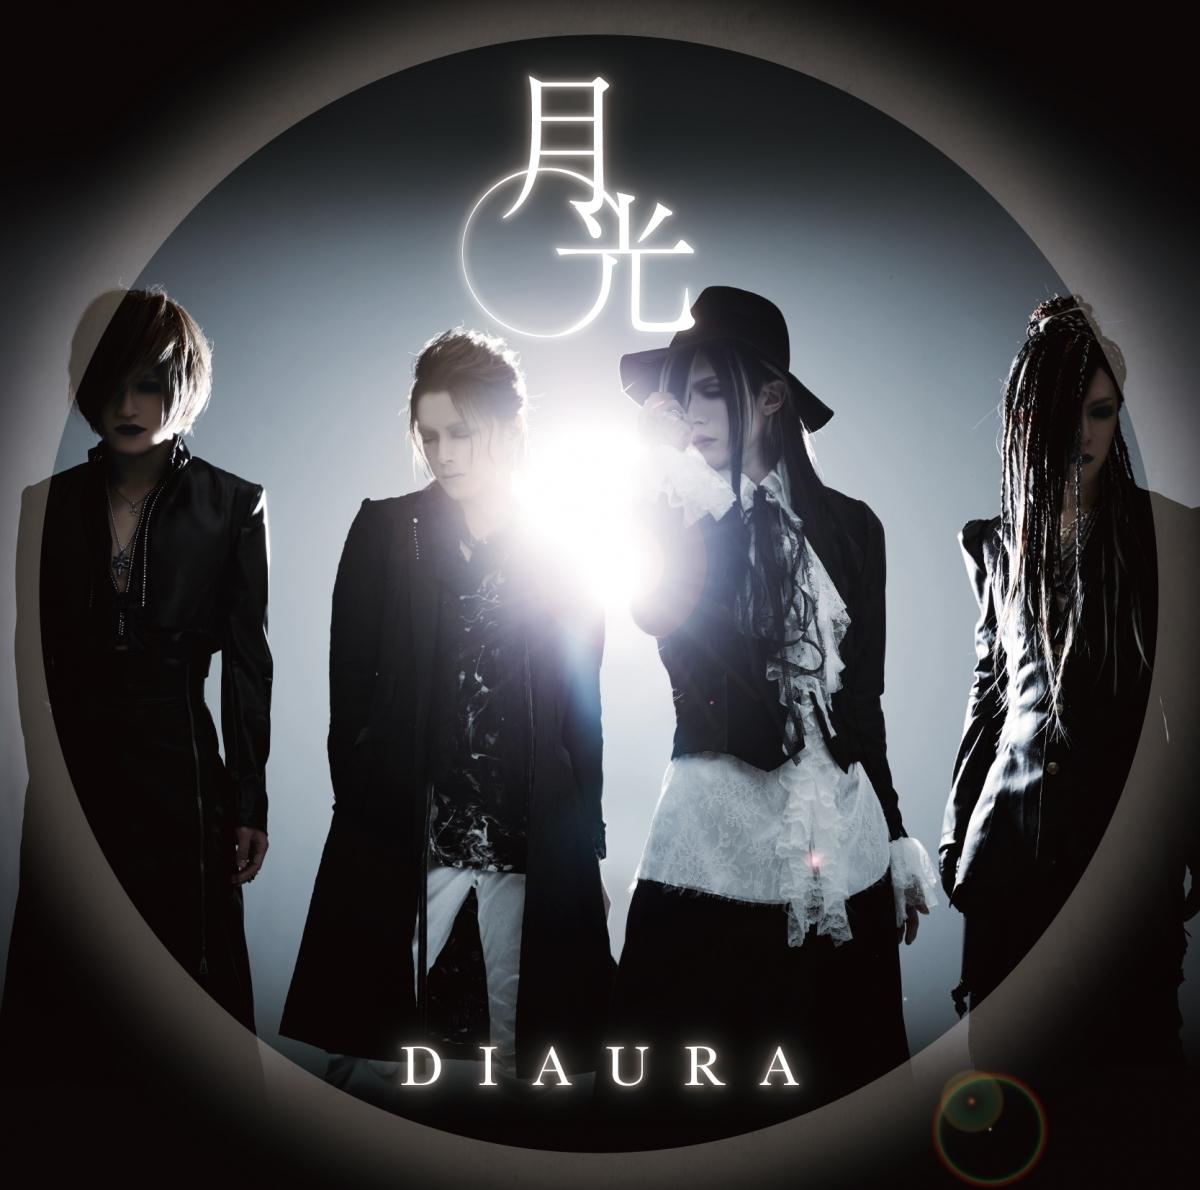 Diaura_13th_single_%e6%9c%88%e5%85%89__b_type_